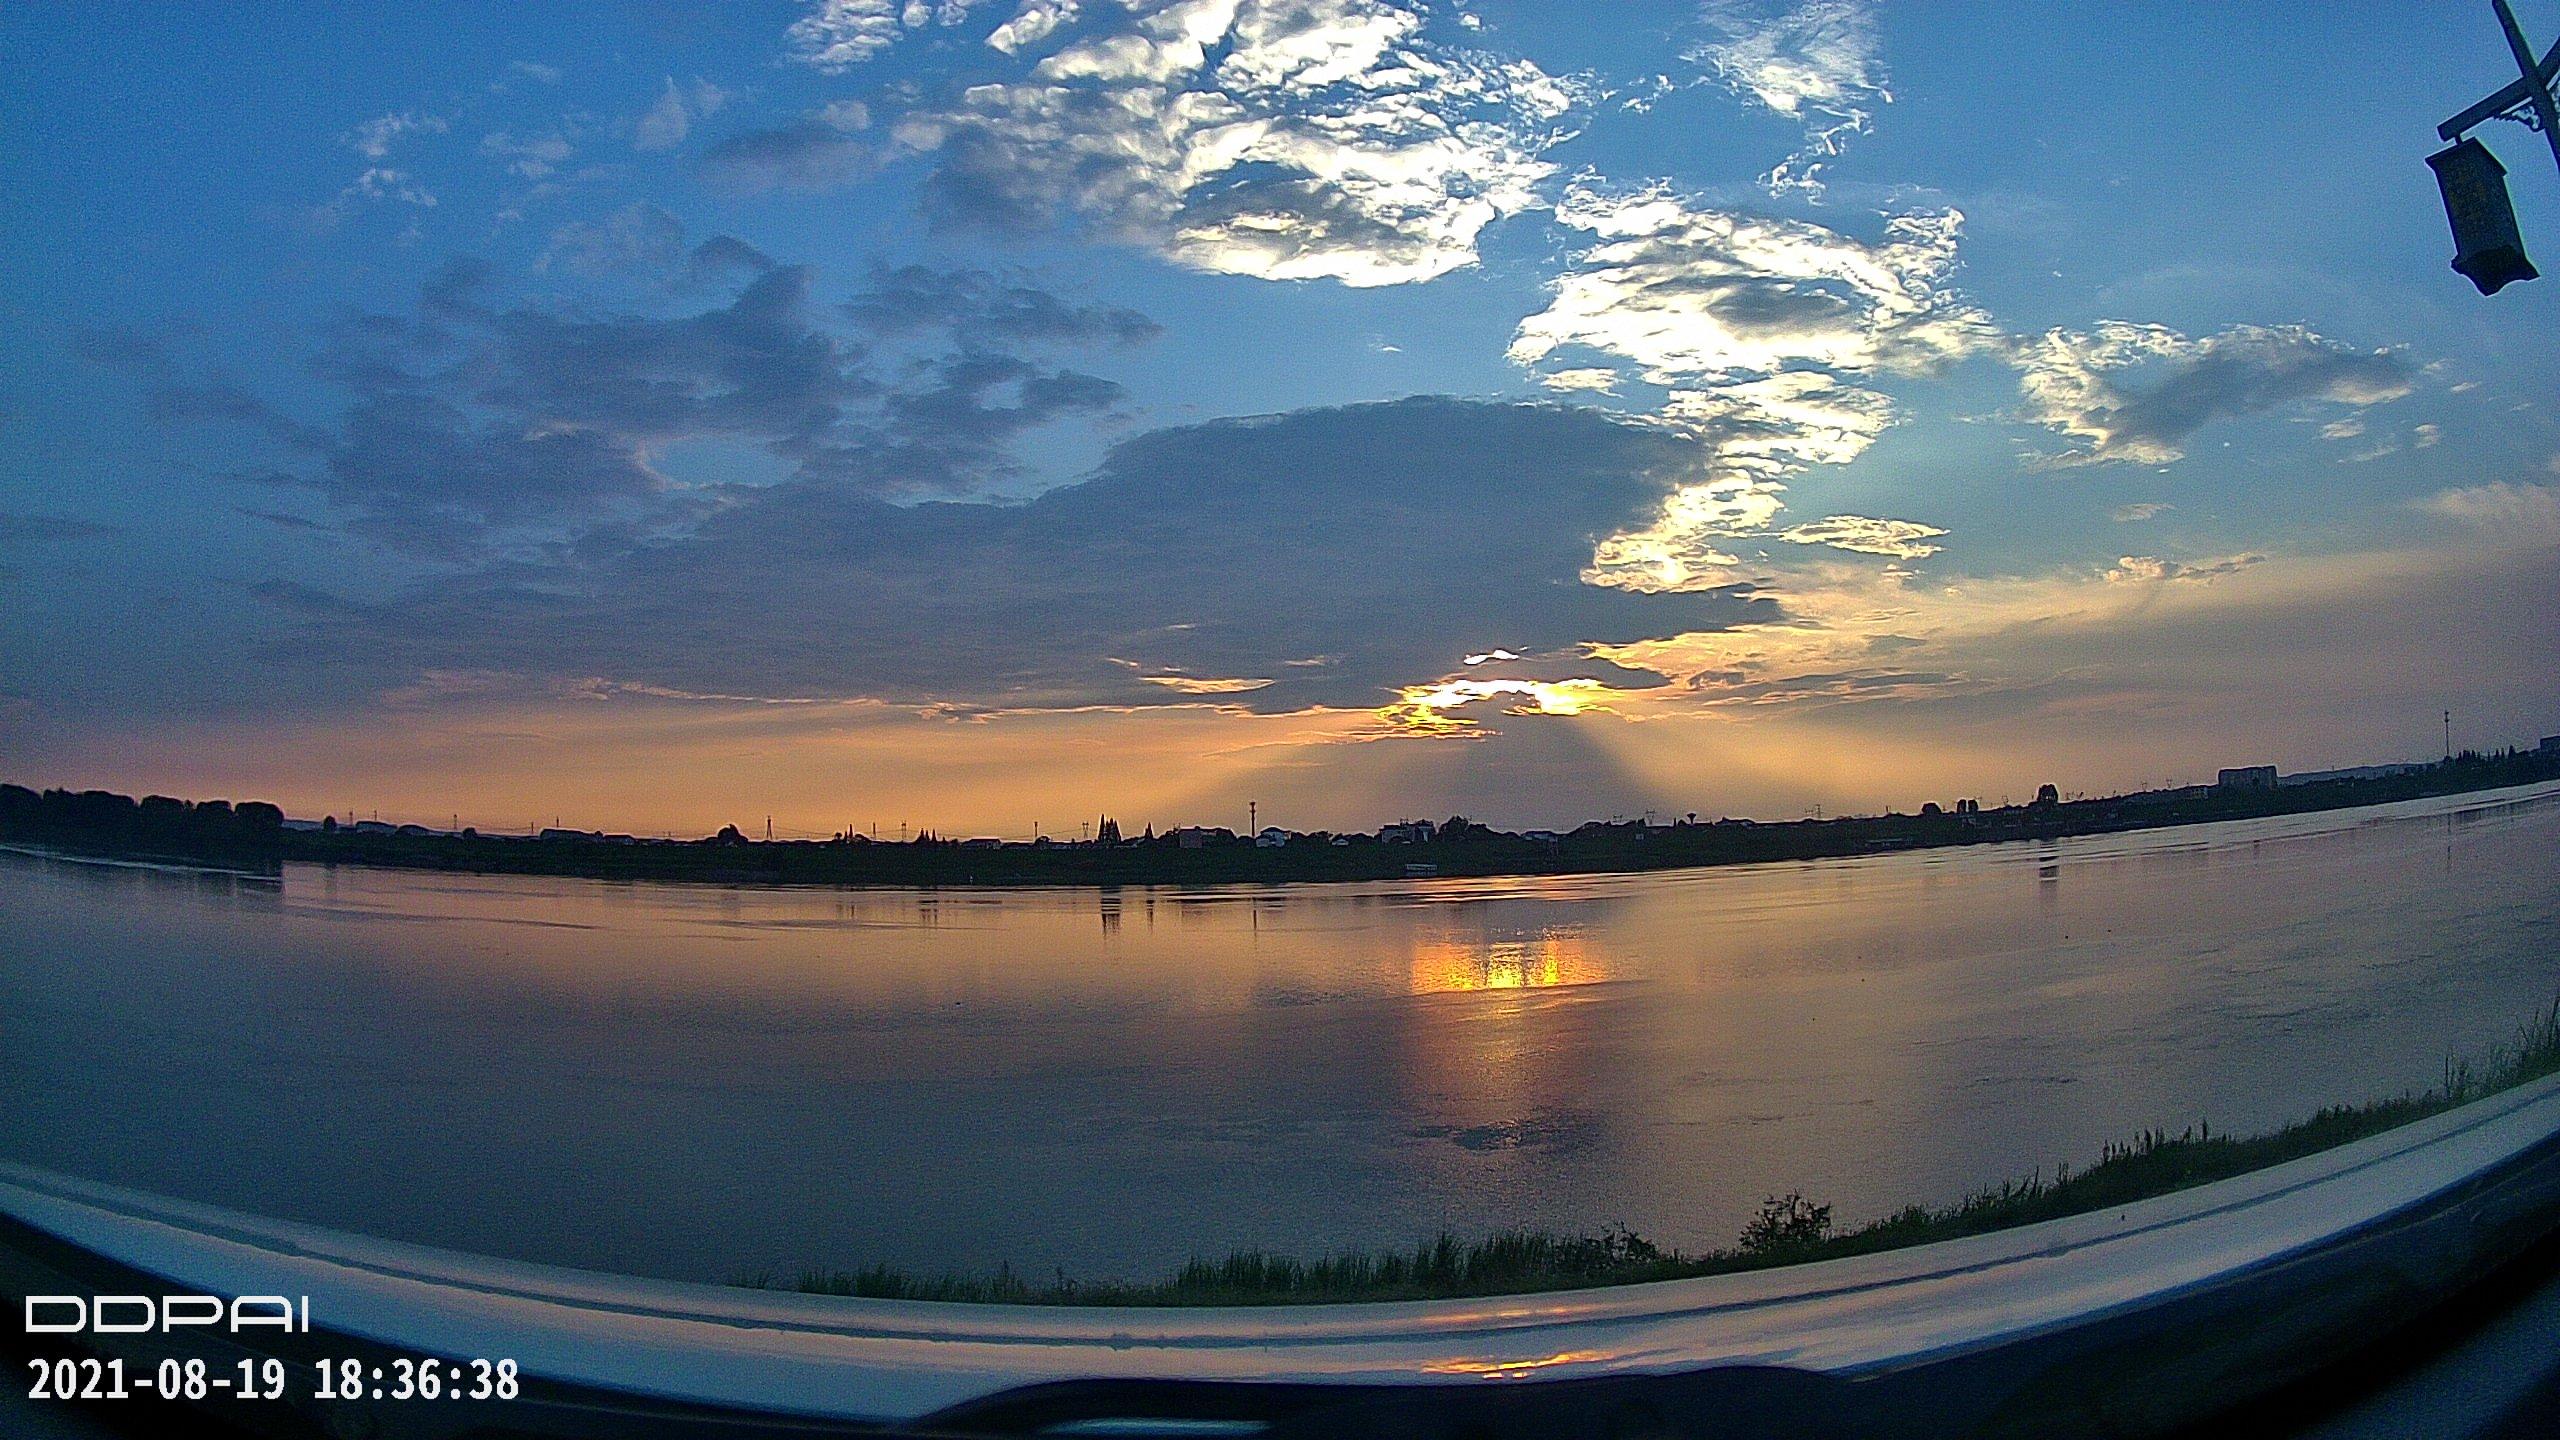 夕阳西下 很久很久没有见过这种风景了  视频 常德 第2张